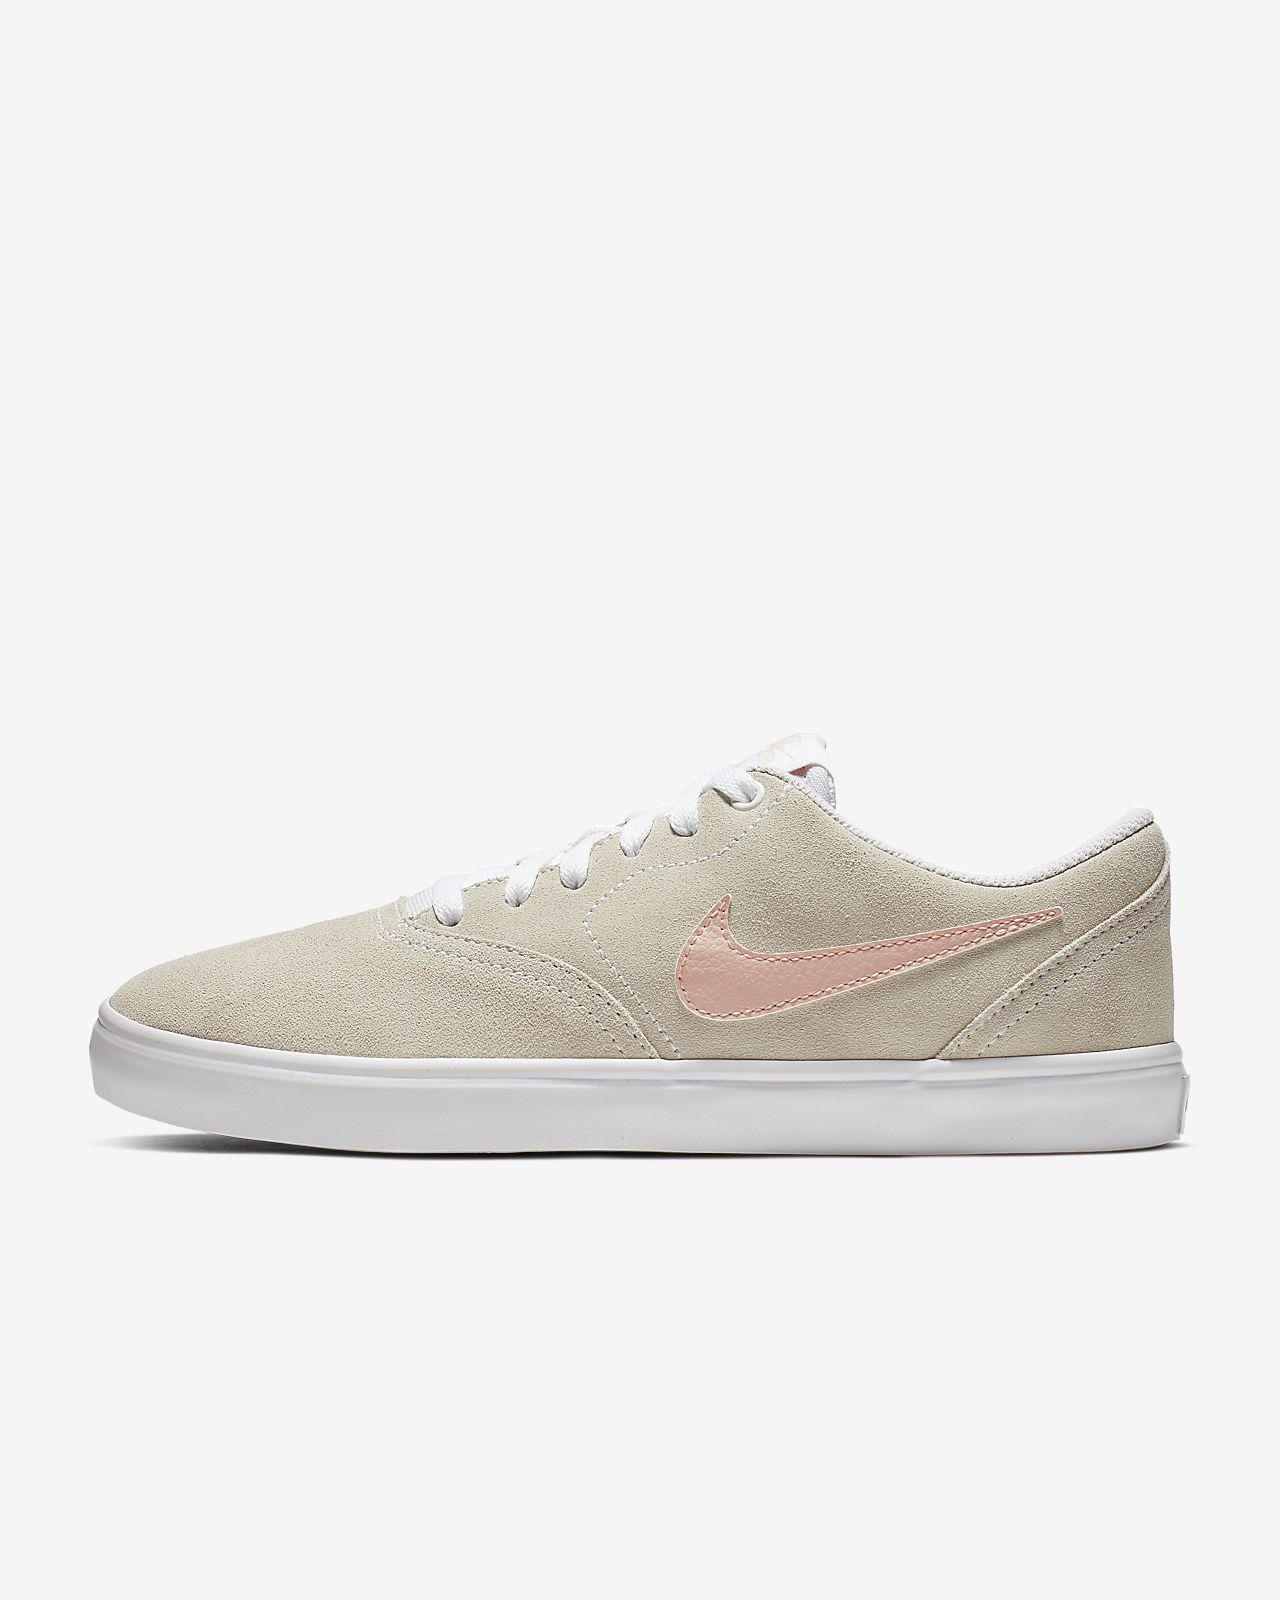 รองเท้าสเก็ตบอร์ดผู้หญิง Nike SB Check Solarsoft